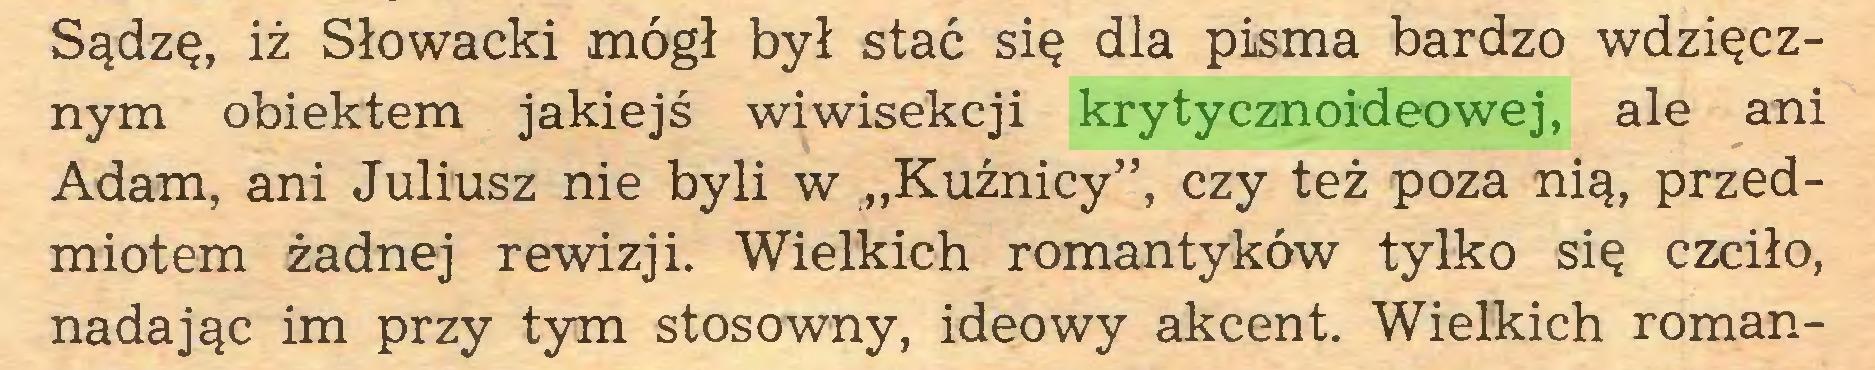 """(...) Sądzę, iż Słowacki mógł był stać się dla pisma bardzo wdzięcznym obiektem jakiejś wiwisekcji krytycznoideowej, ale ani Adam, ani Juliusz nie byli w """"Kuźnicy"""", czy też poza nią, przedmiotem żadnej rewizji. Wielkich romantyków tylko się czciło, nadając im przy tym stosowny, ideowy akcent. Wielkich roman..."""